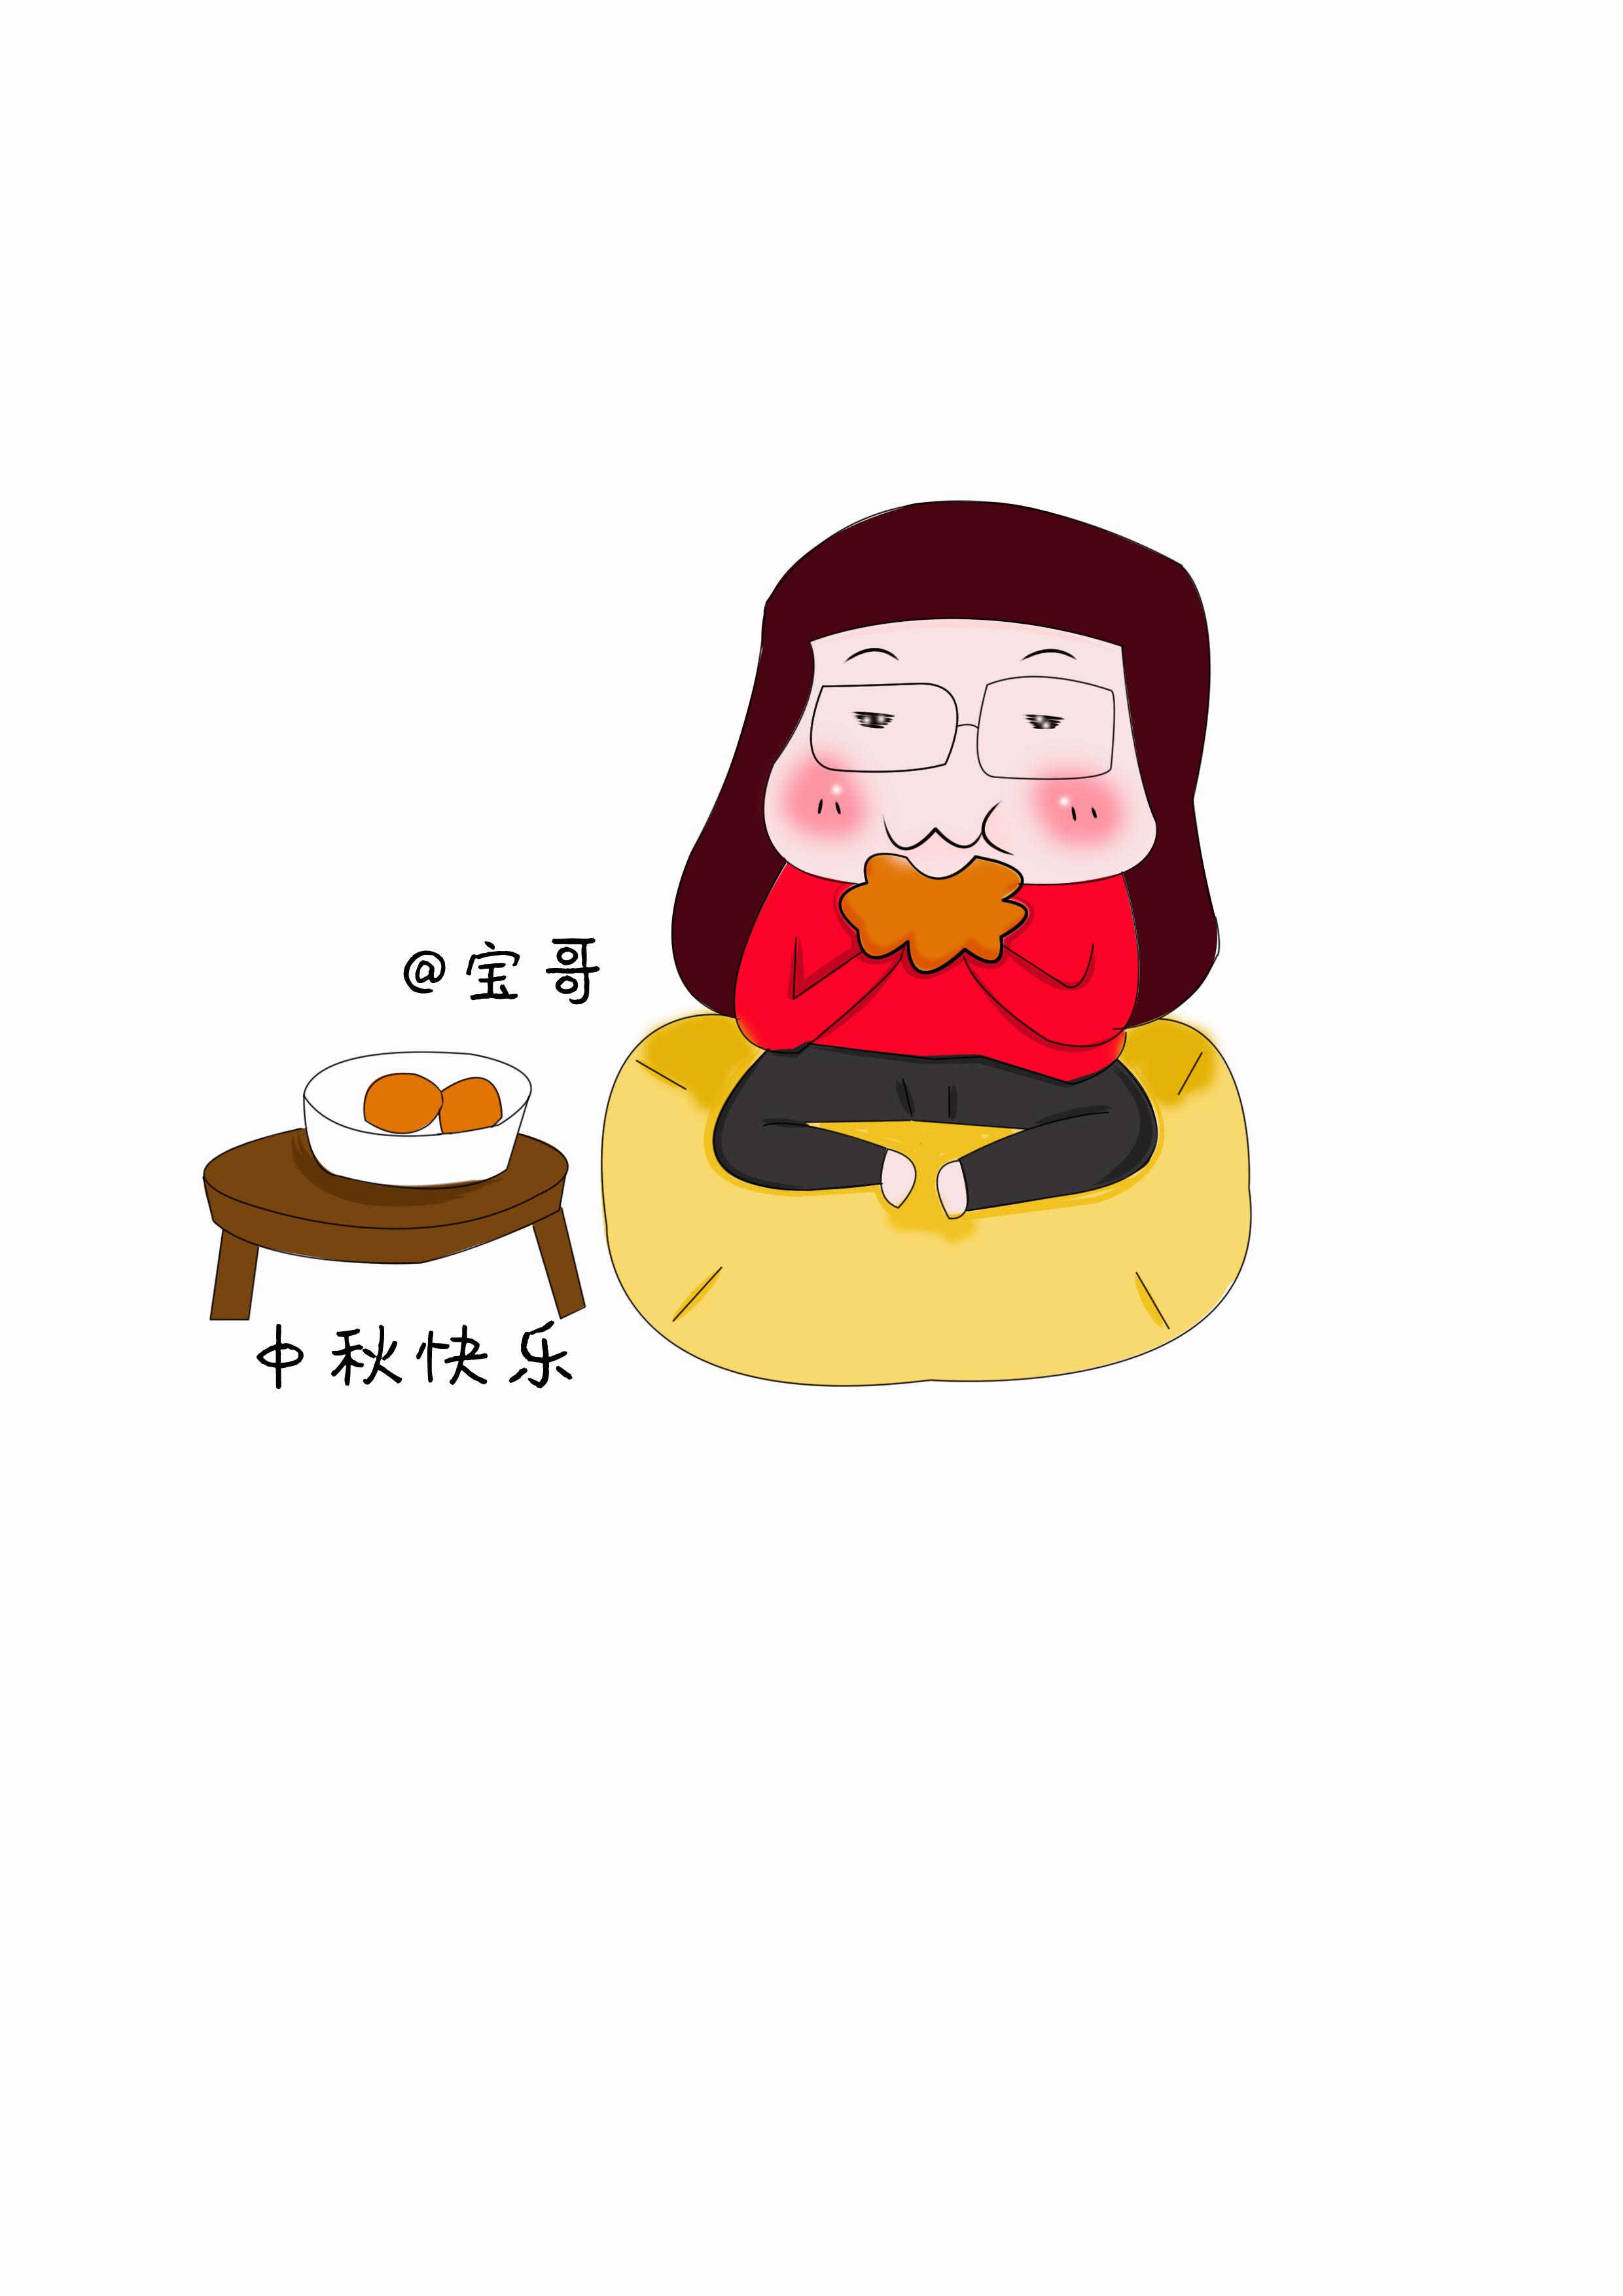 宝哥中秋手绘图卡通图